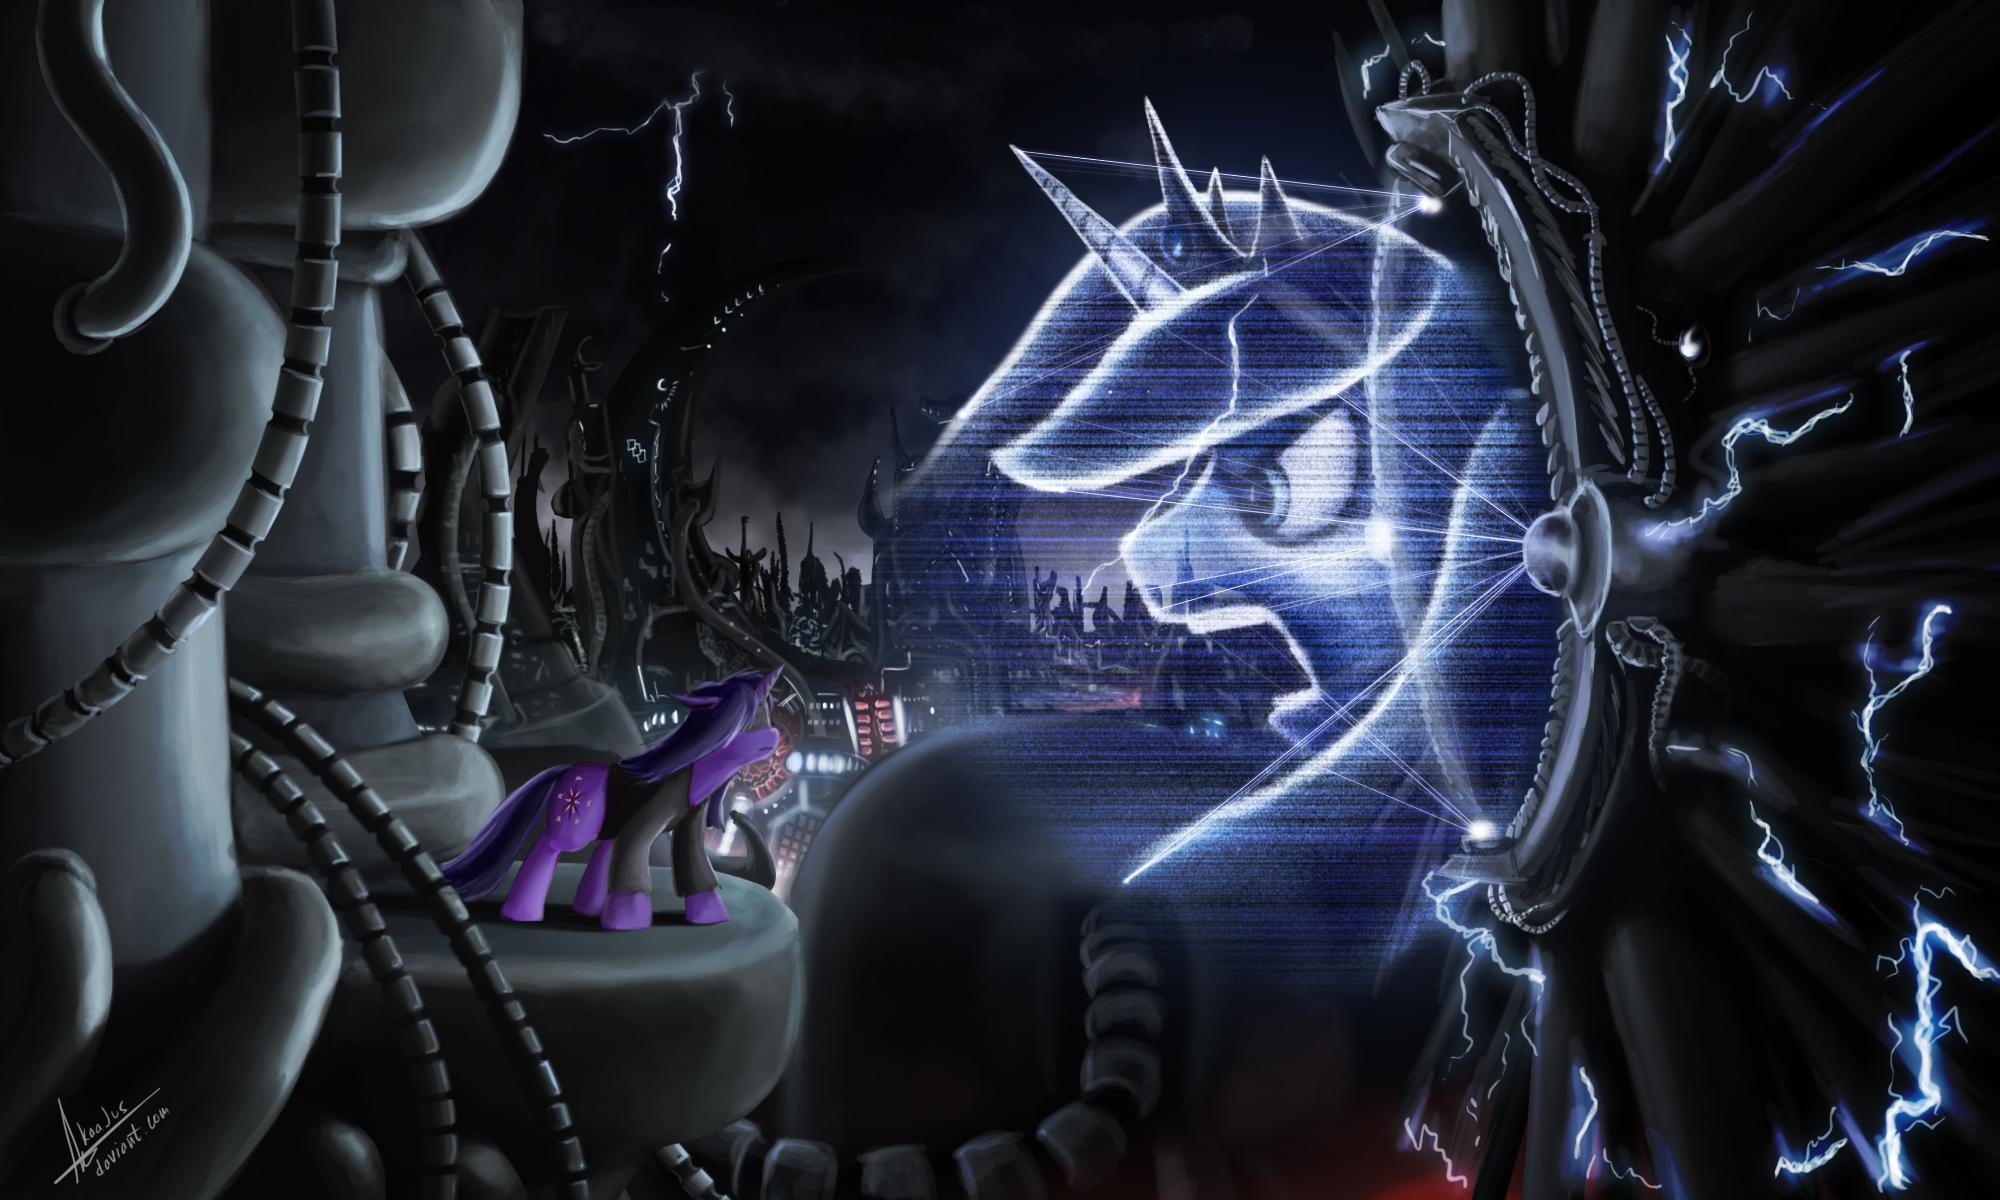 Deus ex pony by RubleGun